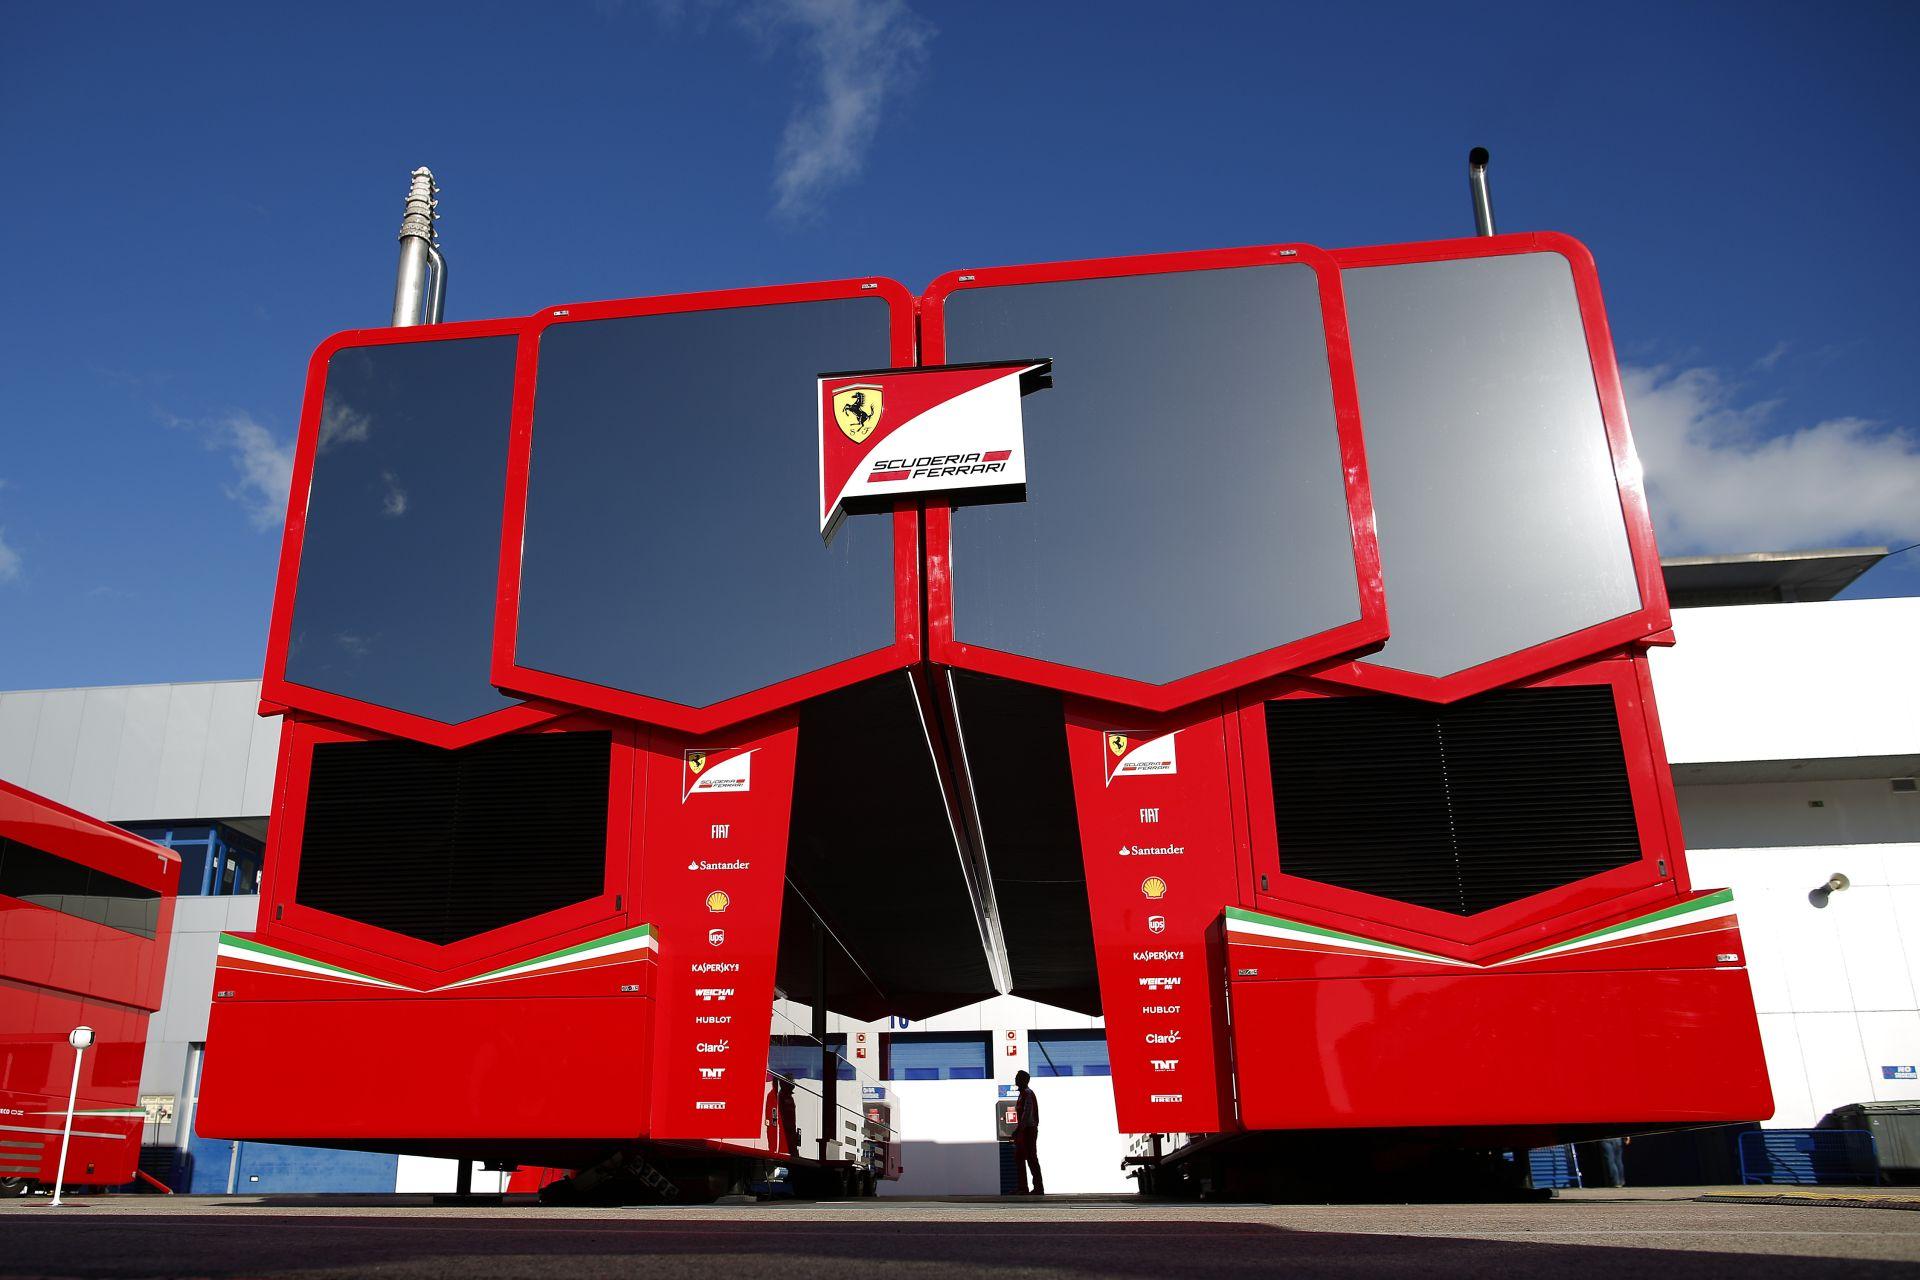 1 másodpercet gyorsult körönként az új Ferrari a tavalyihoz képest: Vettel jó helyre ment?